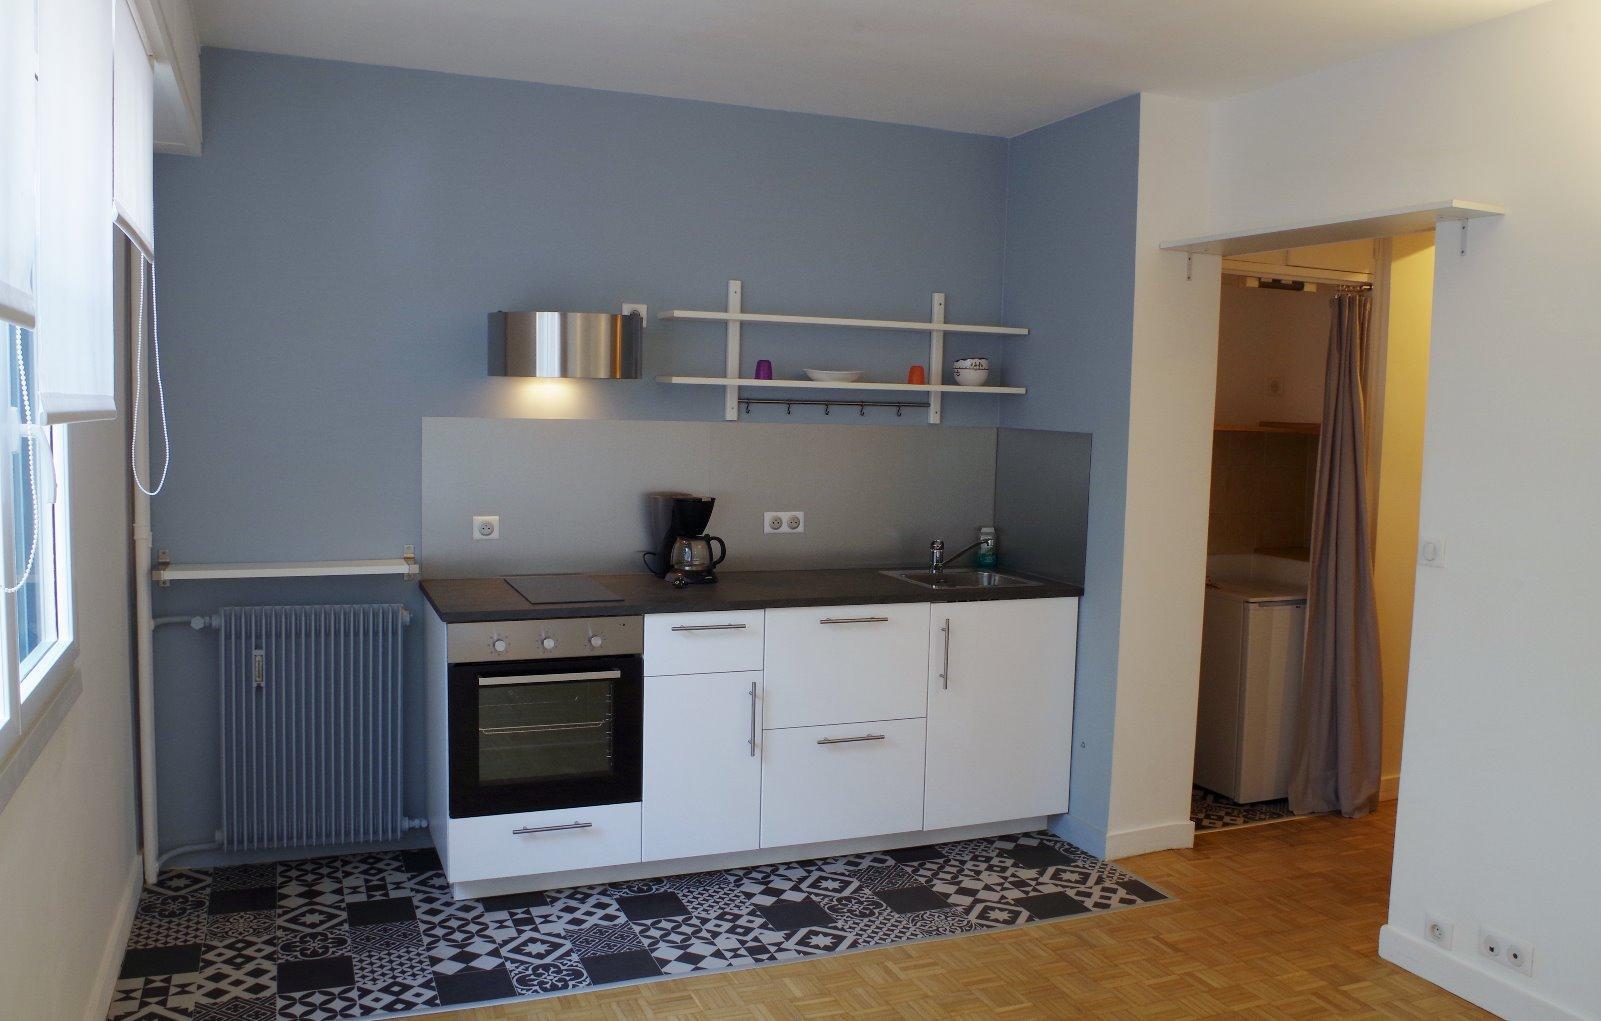 Dans une résidence bien entretenue, studio d'environ 23 m² réaménagé et sans travaux. Se composant d'une entrée avec placard, 1 pièce de vie avec cuisine équipée et une salle d'eau avec wc. Possibilité d'acquérir le studio entièrement meublé! A VISITER RAPIDEMENT AVEC L'AGENCE IMMOBILIERE BIARRITZ AU 05.59.24.57.44.